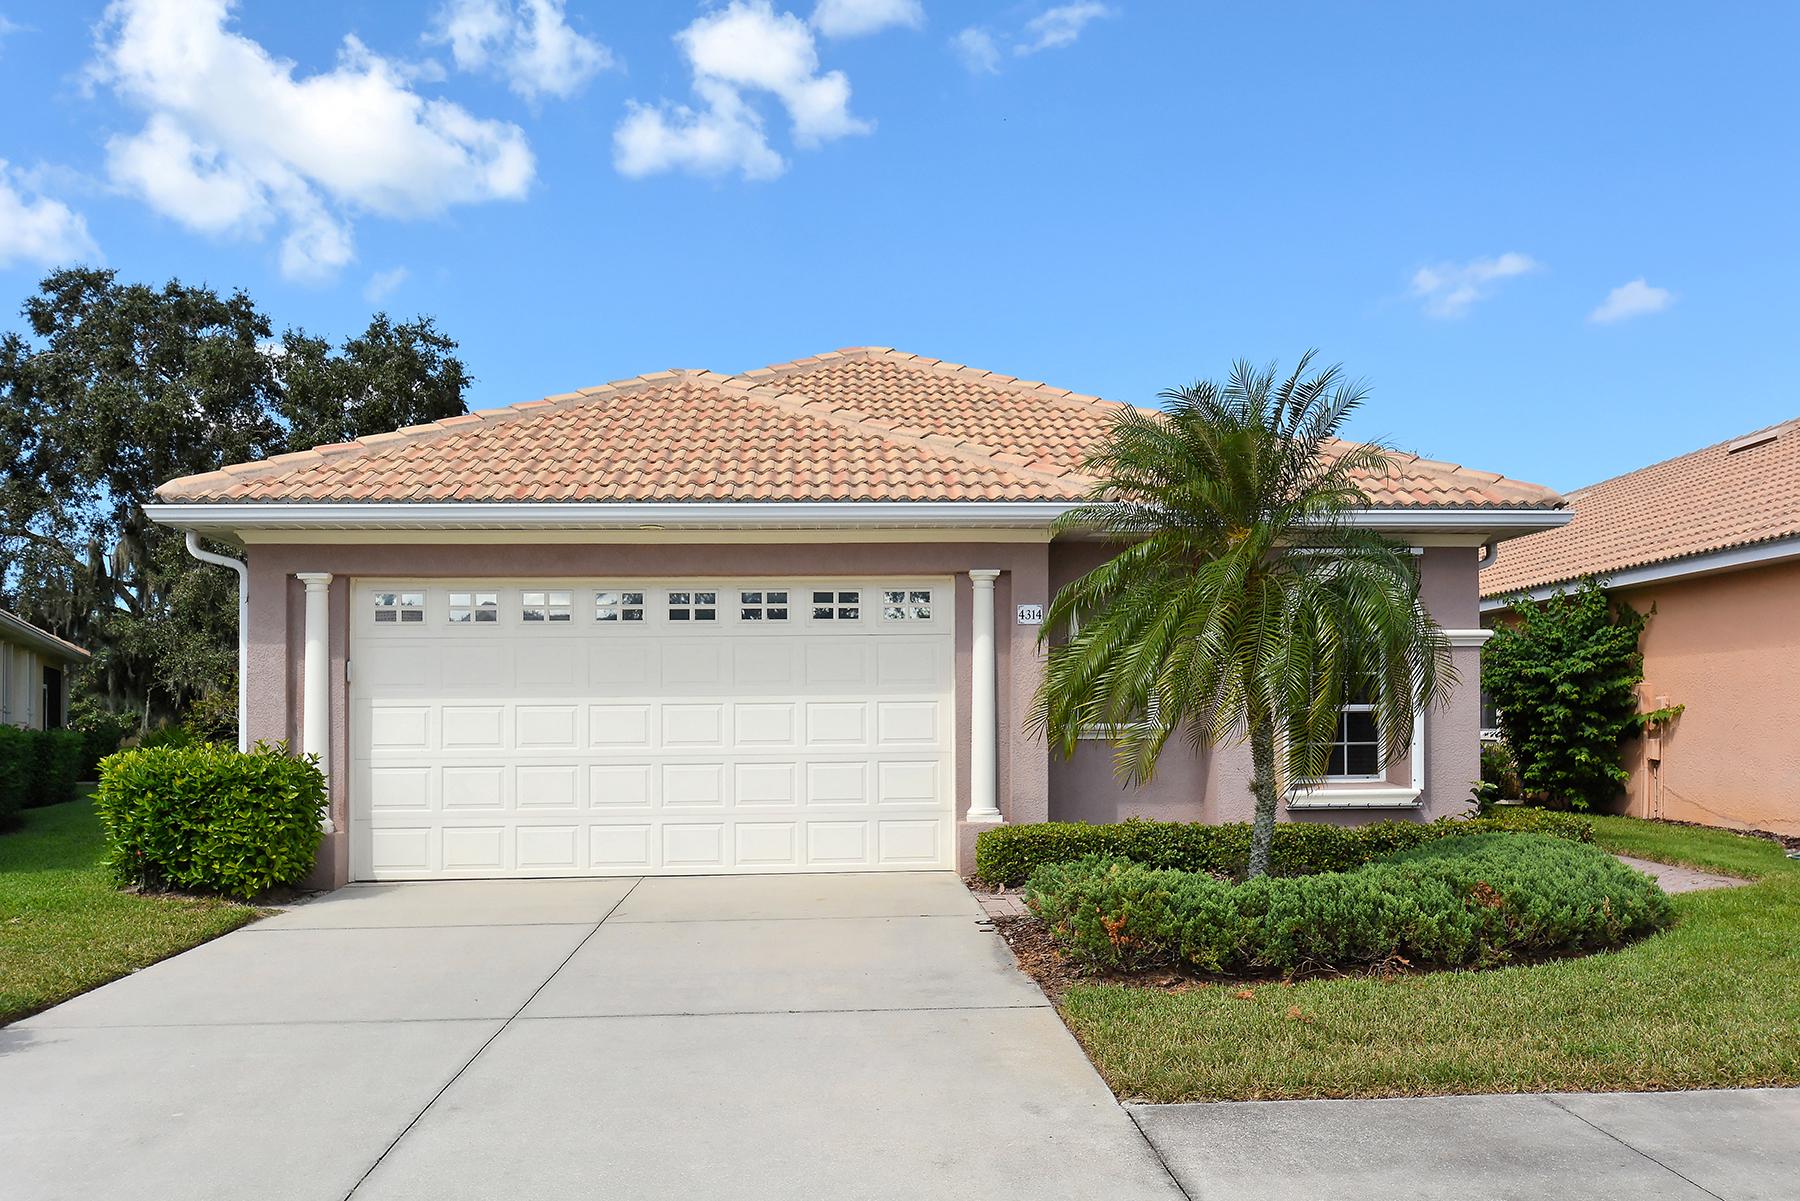 Vivienda unifamiliar por un Venta en VILLA ROSA 4314 Reflections Pkwy Sarasota, Florida, 34233 Estados Unidos